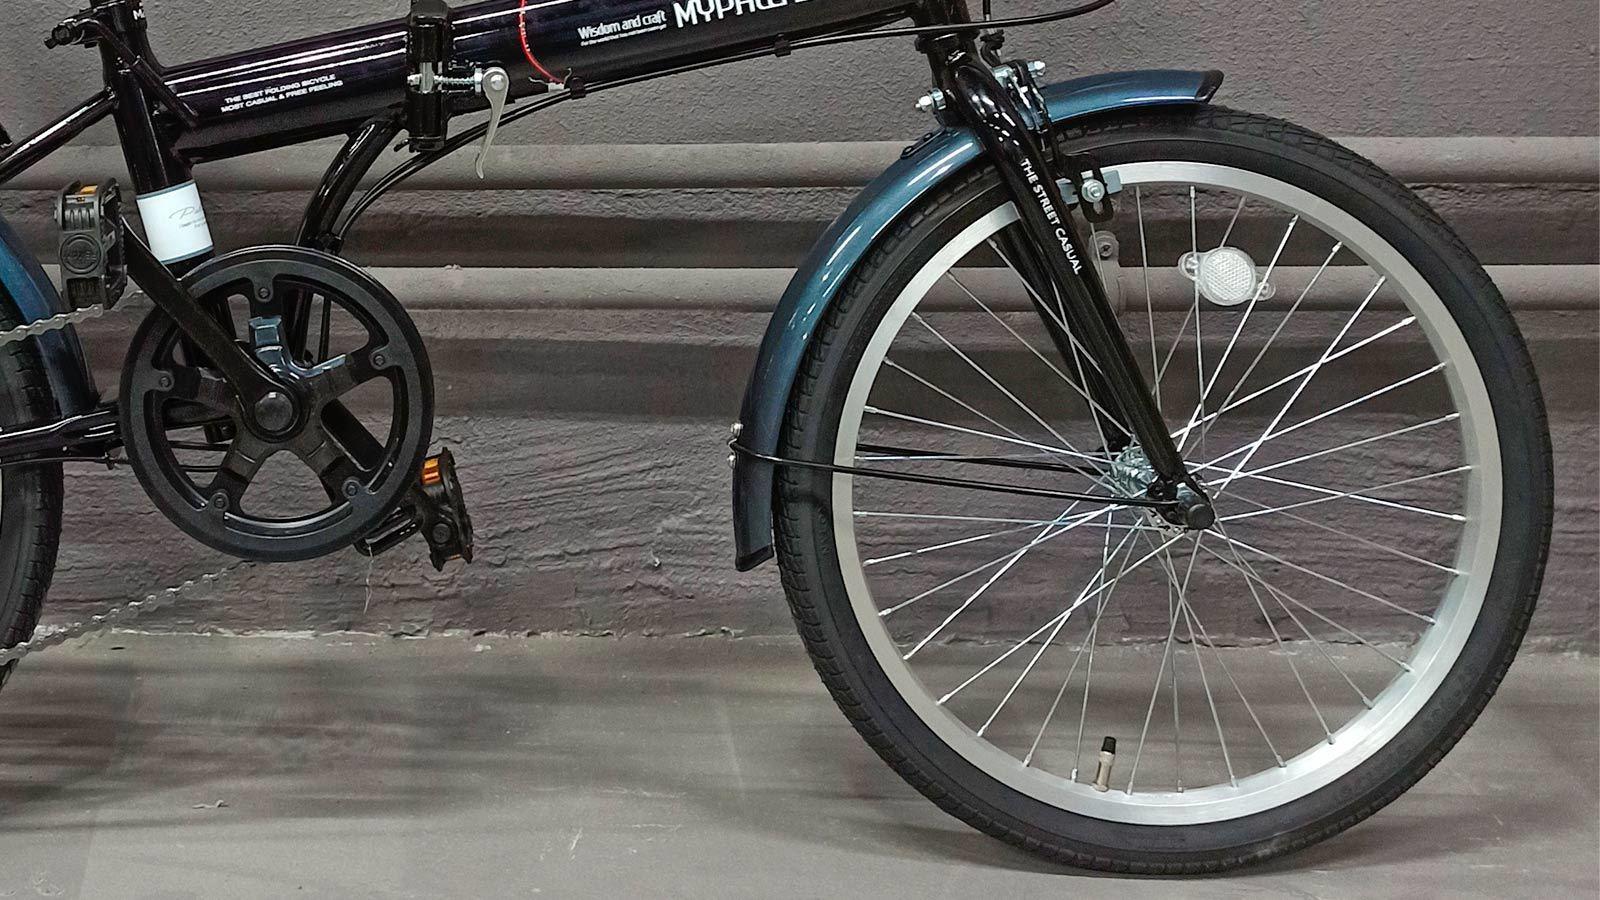 переднее колесо и педаль складного велосипеда